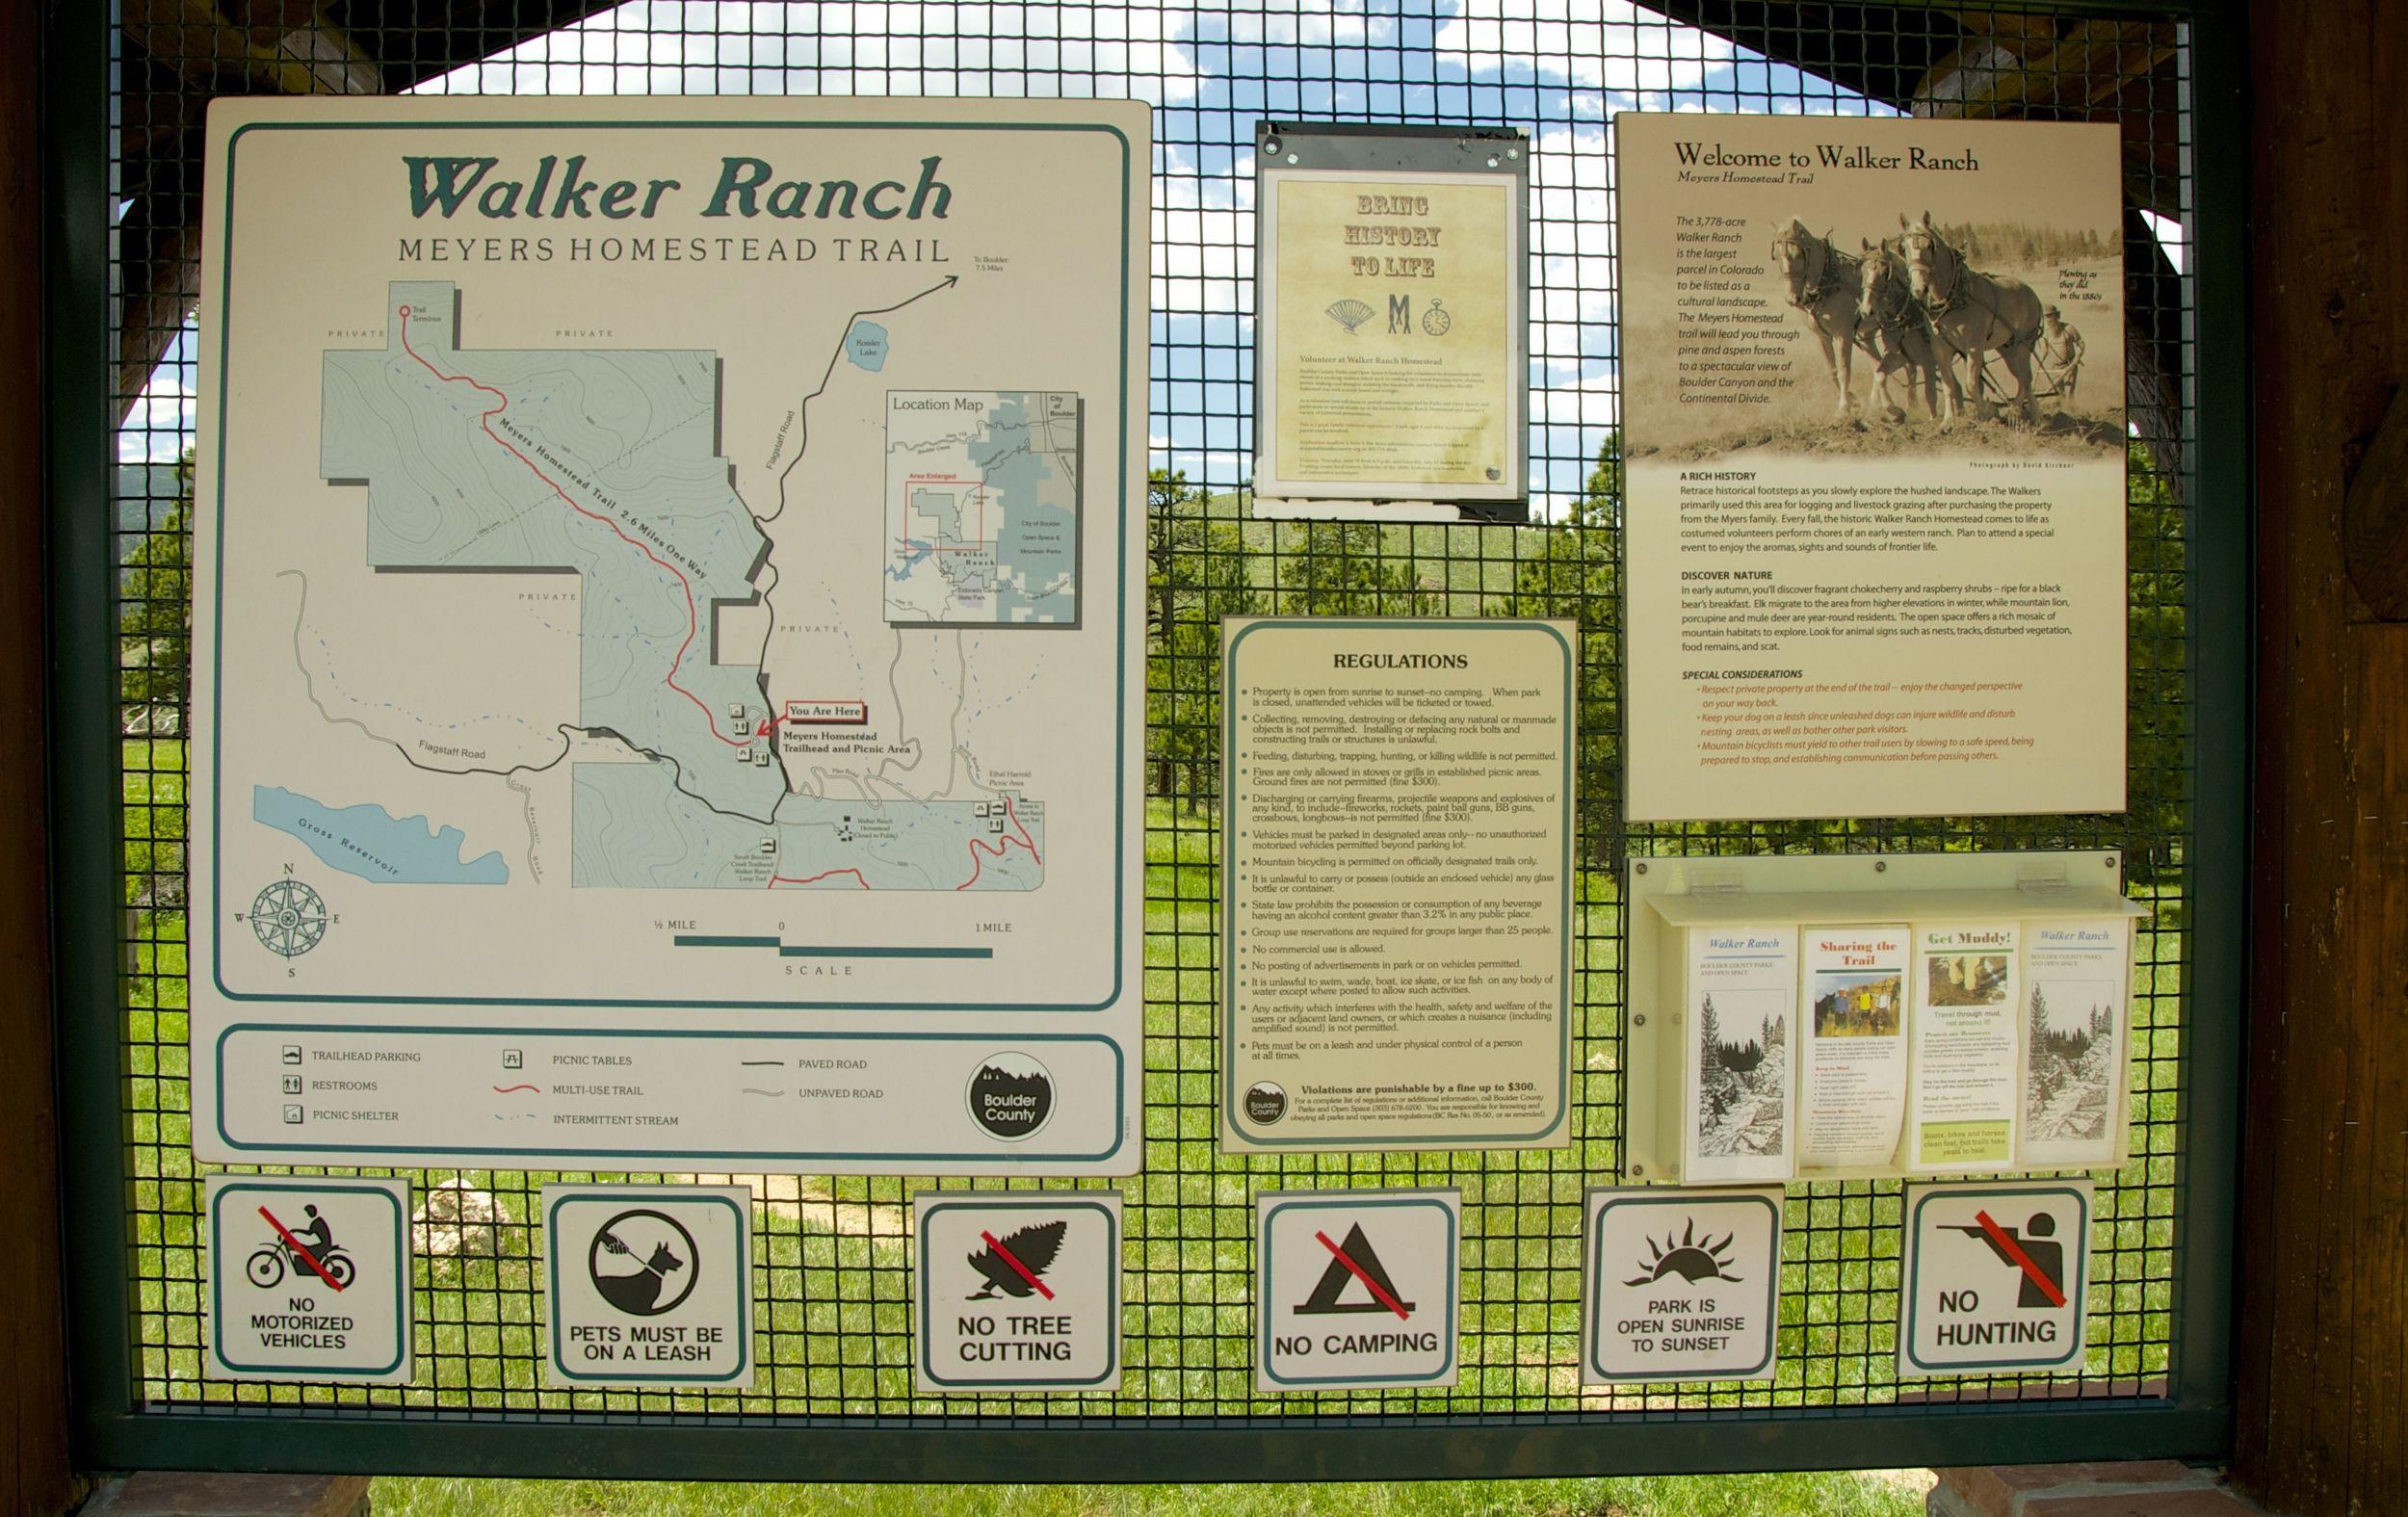 Walker Ranch Trails